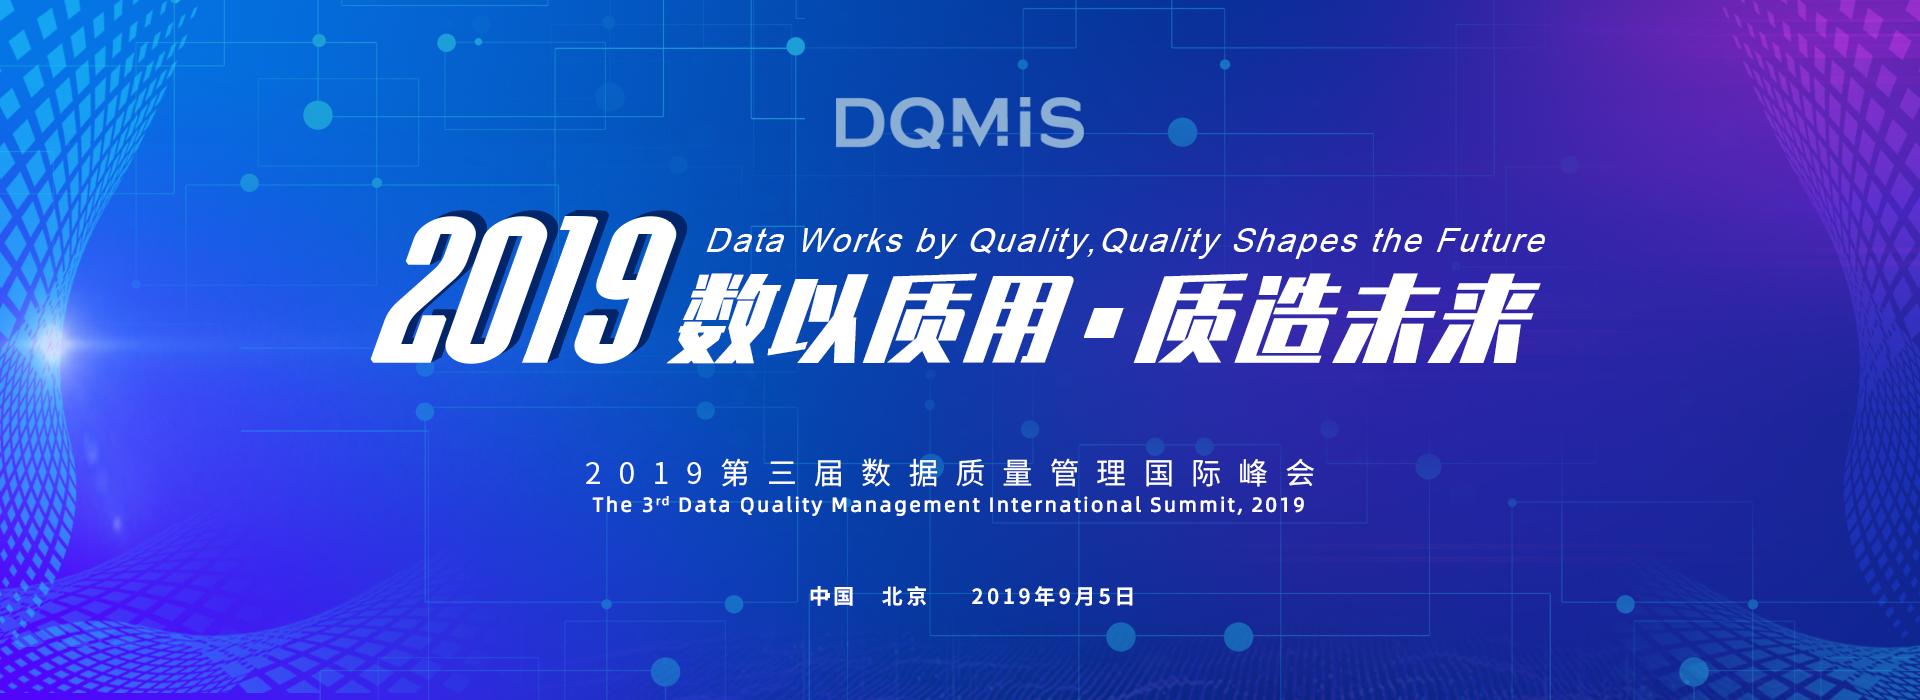 2019第三届数据质量管理国际峰会(DQMIS 2019)